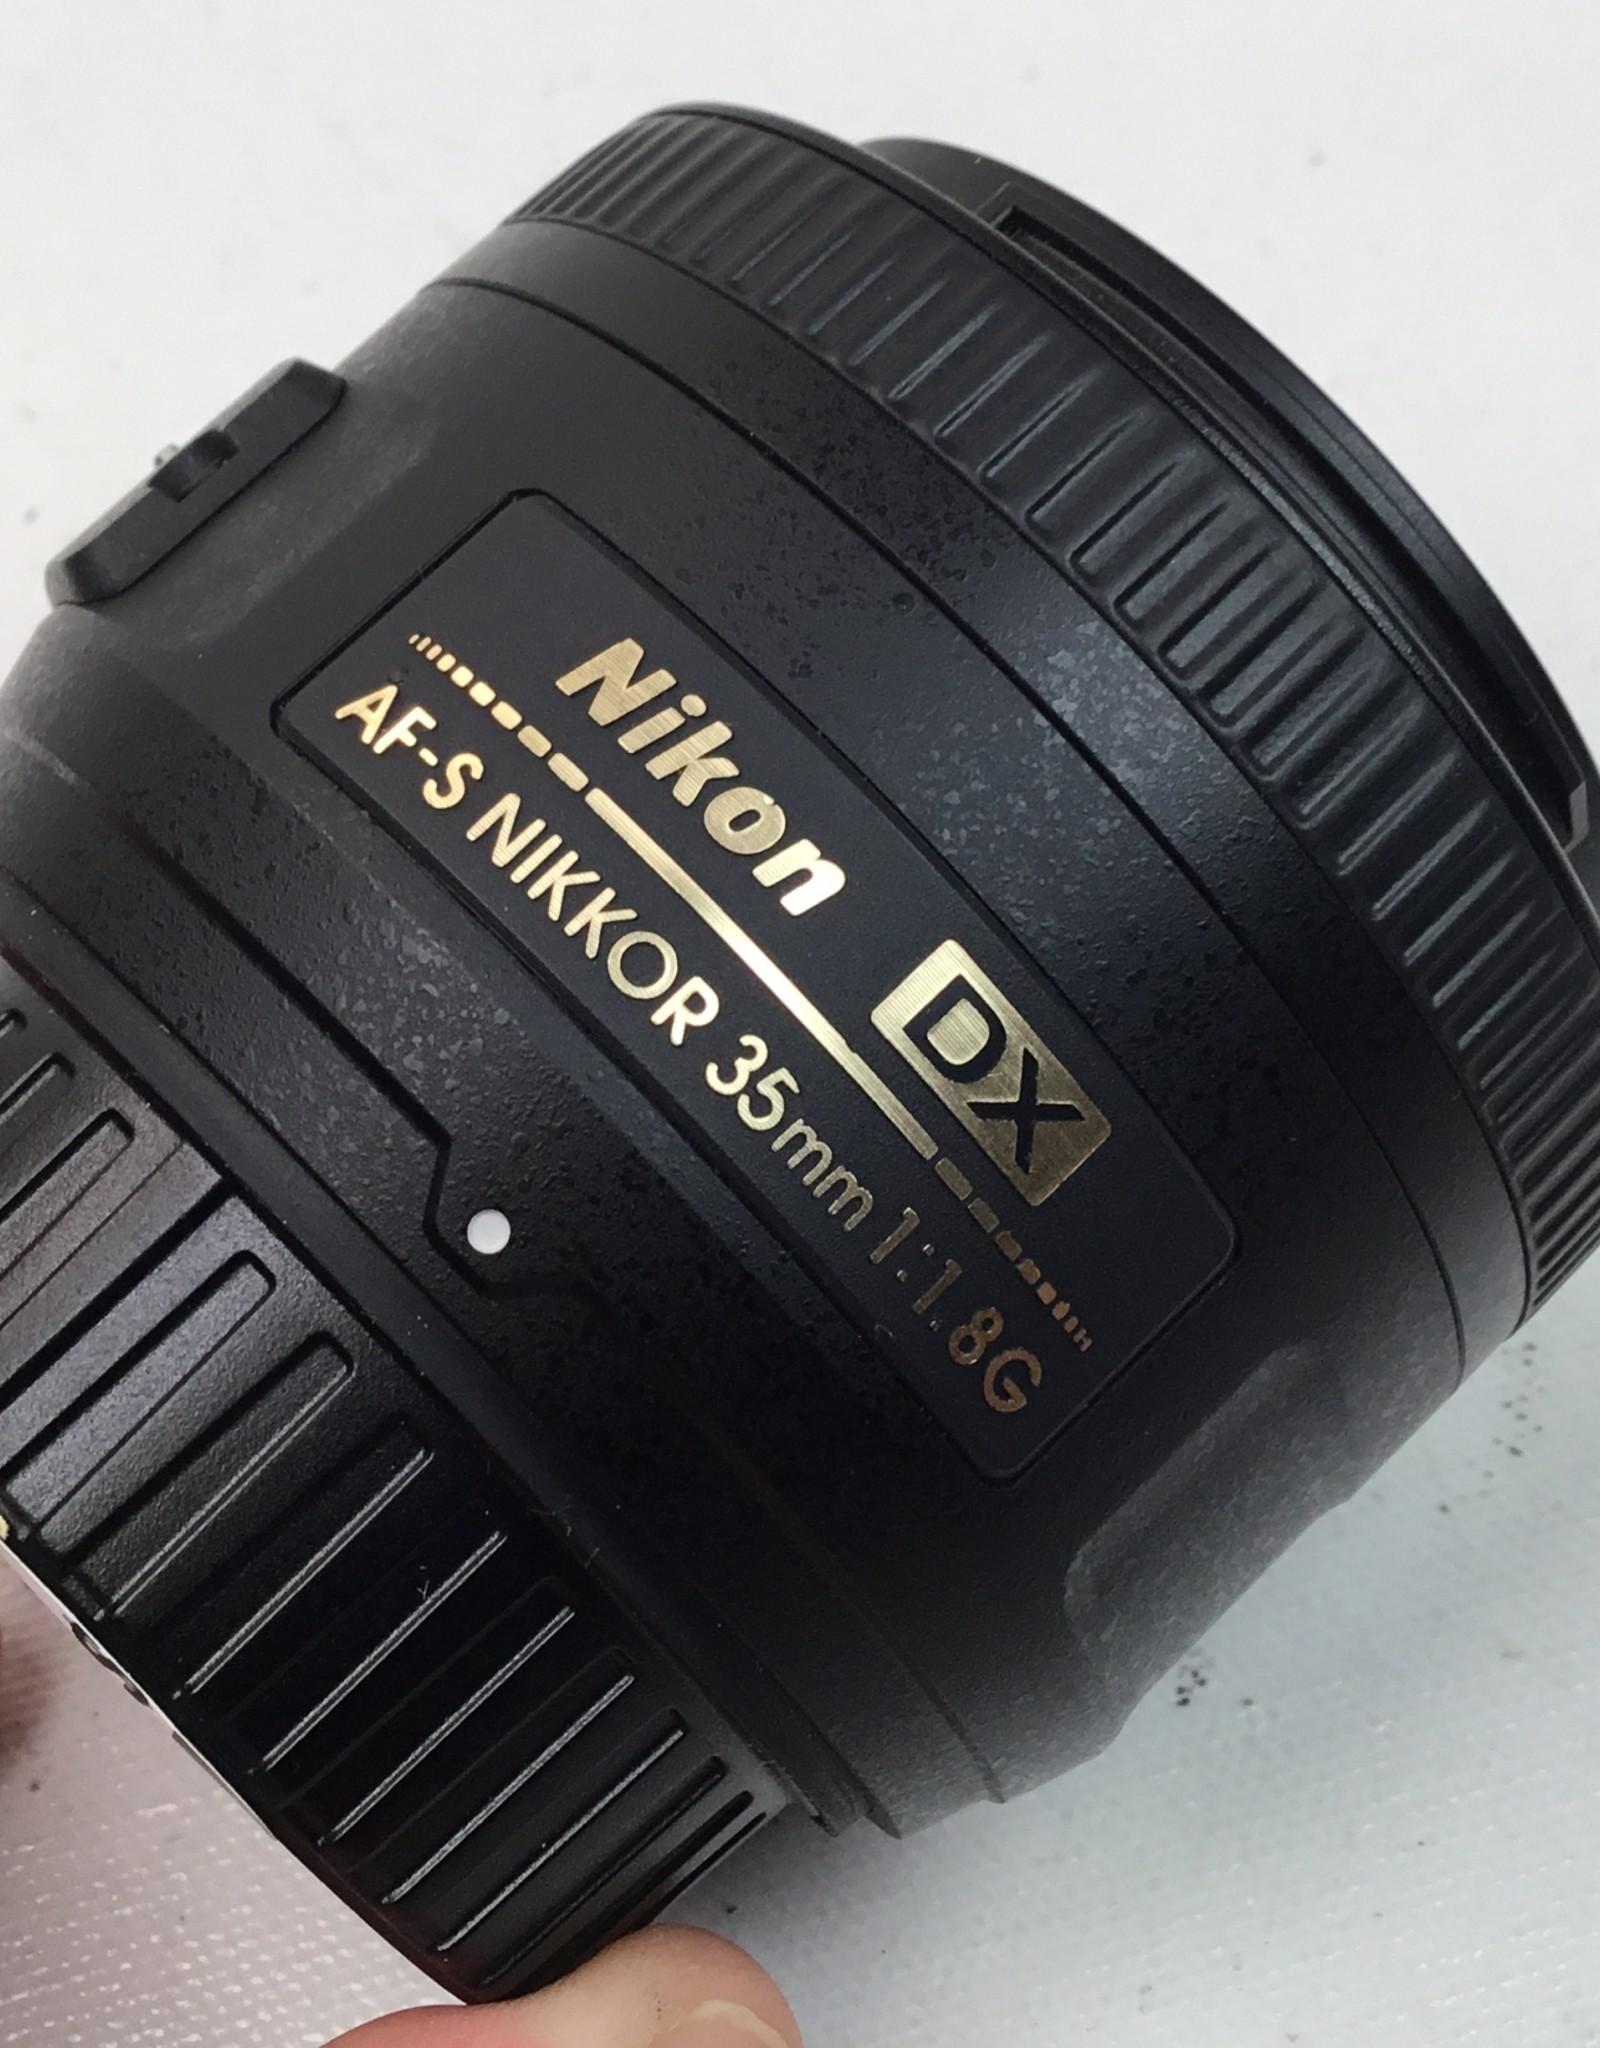 NIKON Nikon AF-S Nikkor 35mm f2.8 G DX Lens Used EX